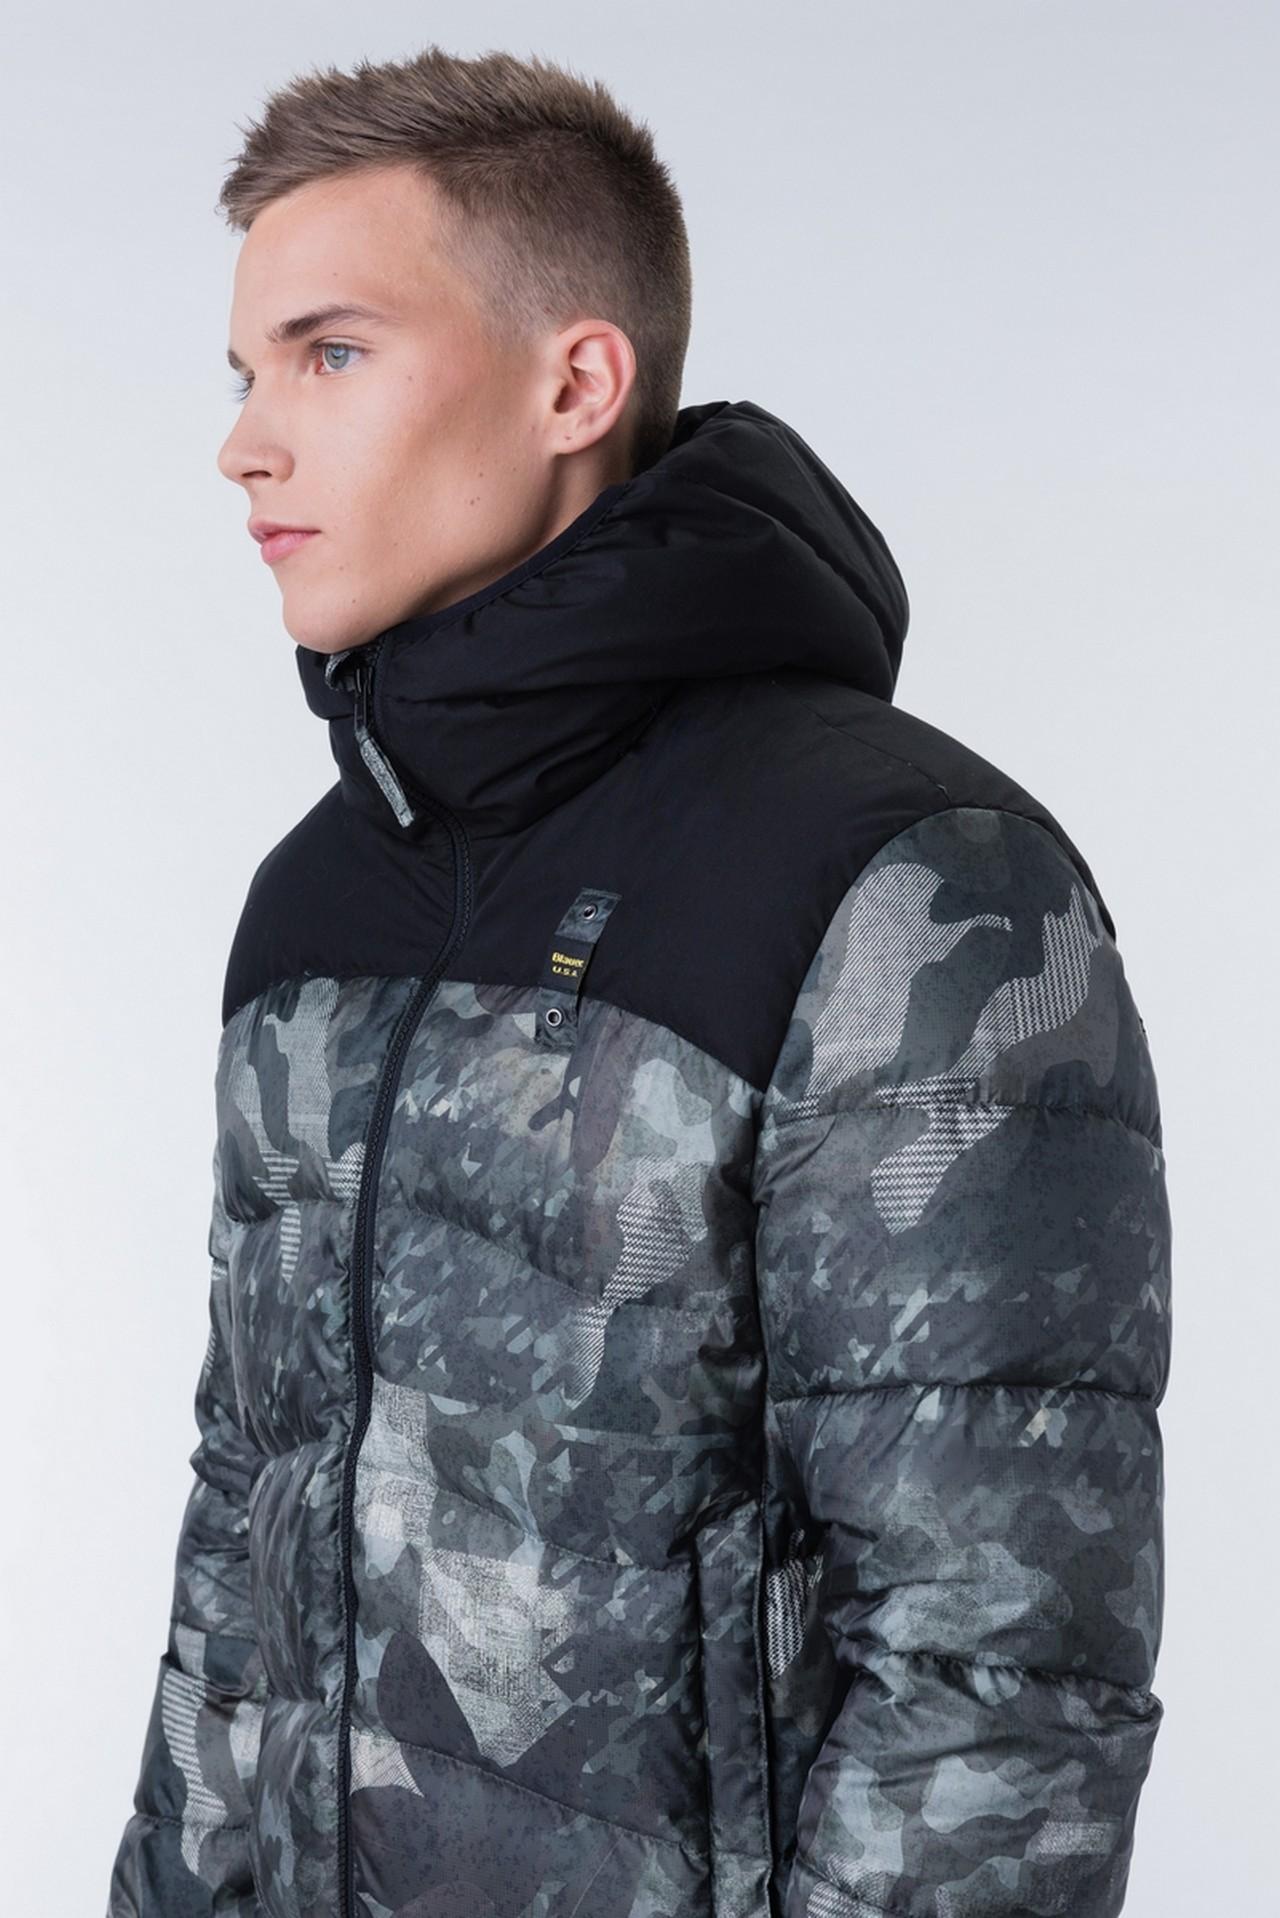 comprare popolare 40d90 b5d2a Pitti Uomo Firenze 2018 Blauer USA collezione autunno inverno